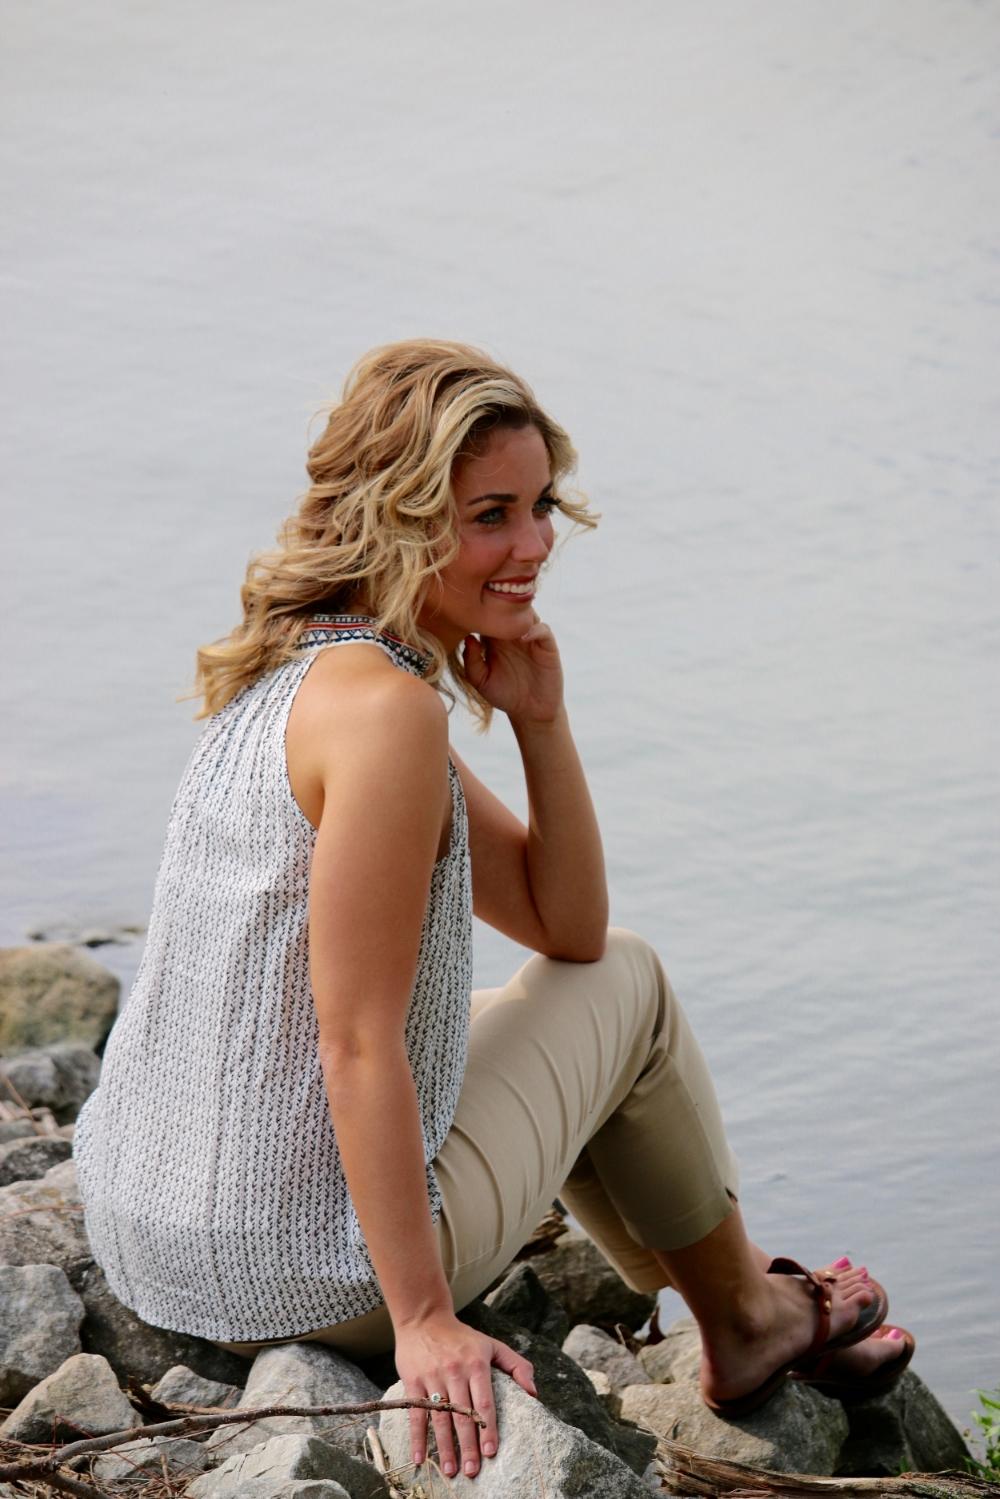 Allie at Lake Springfield Marina